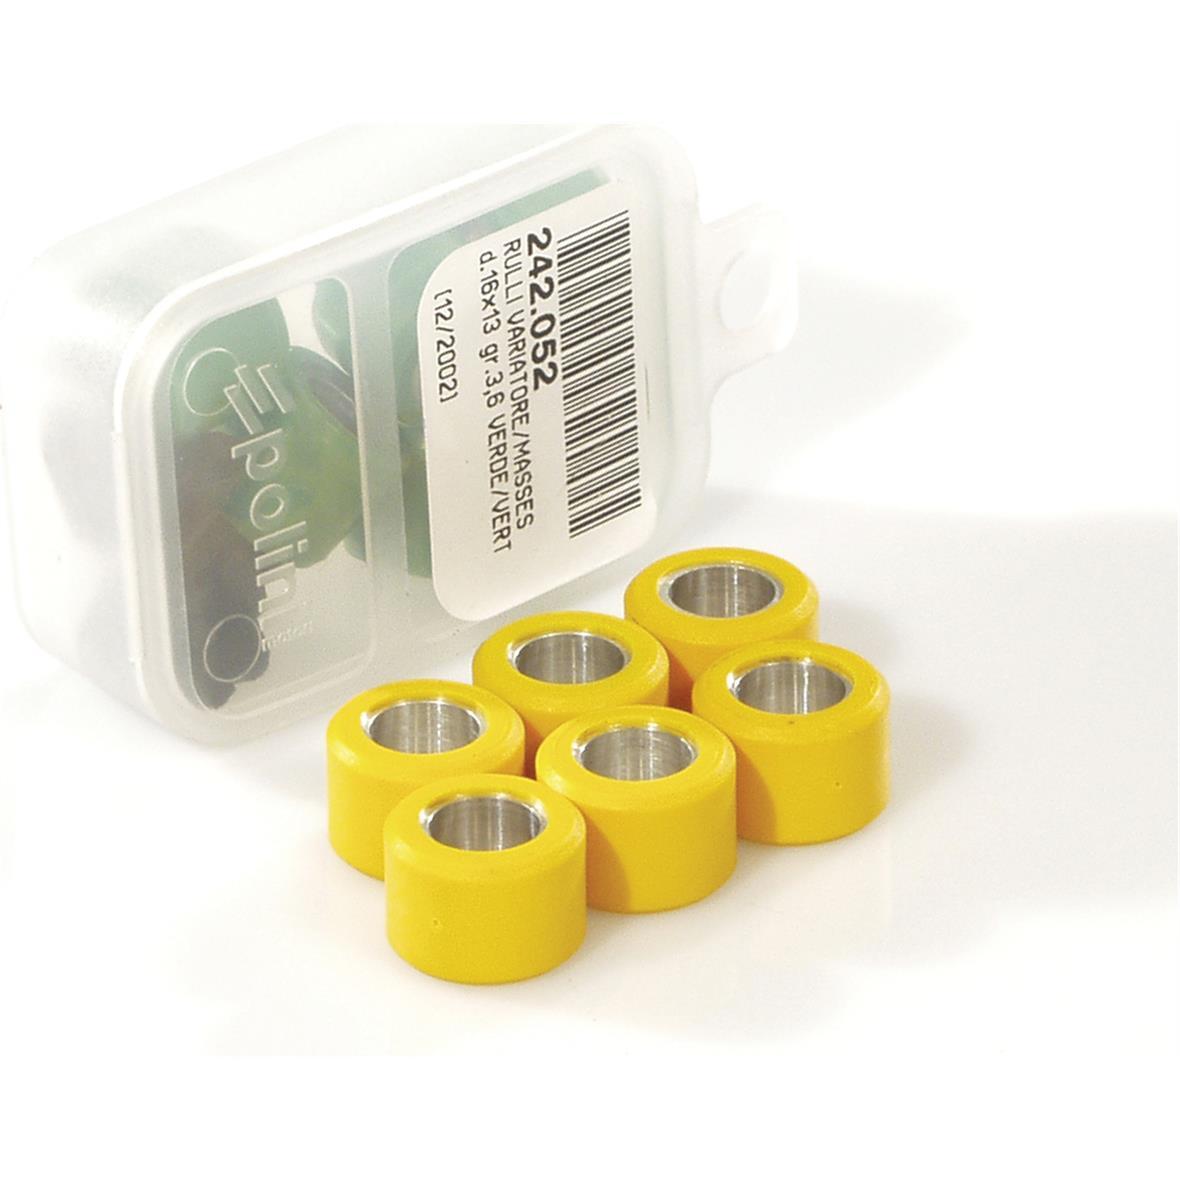 Productafbeelding voor 'Variateur Rollen POLINI 23x18 mm 13,7 gramTitle'